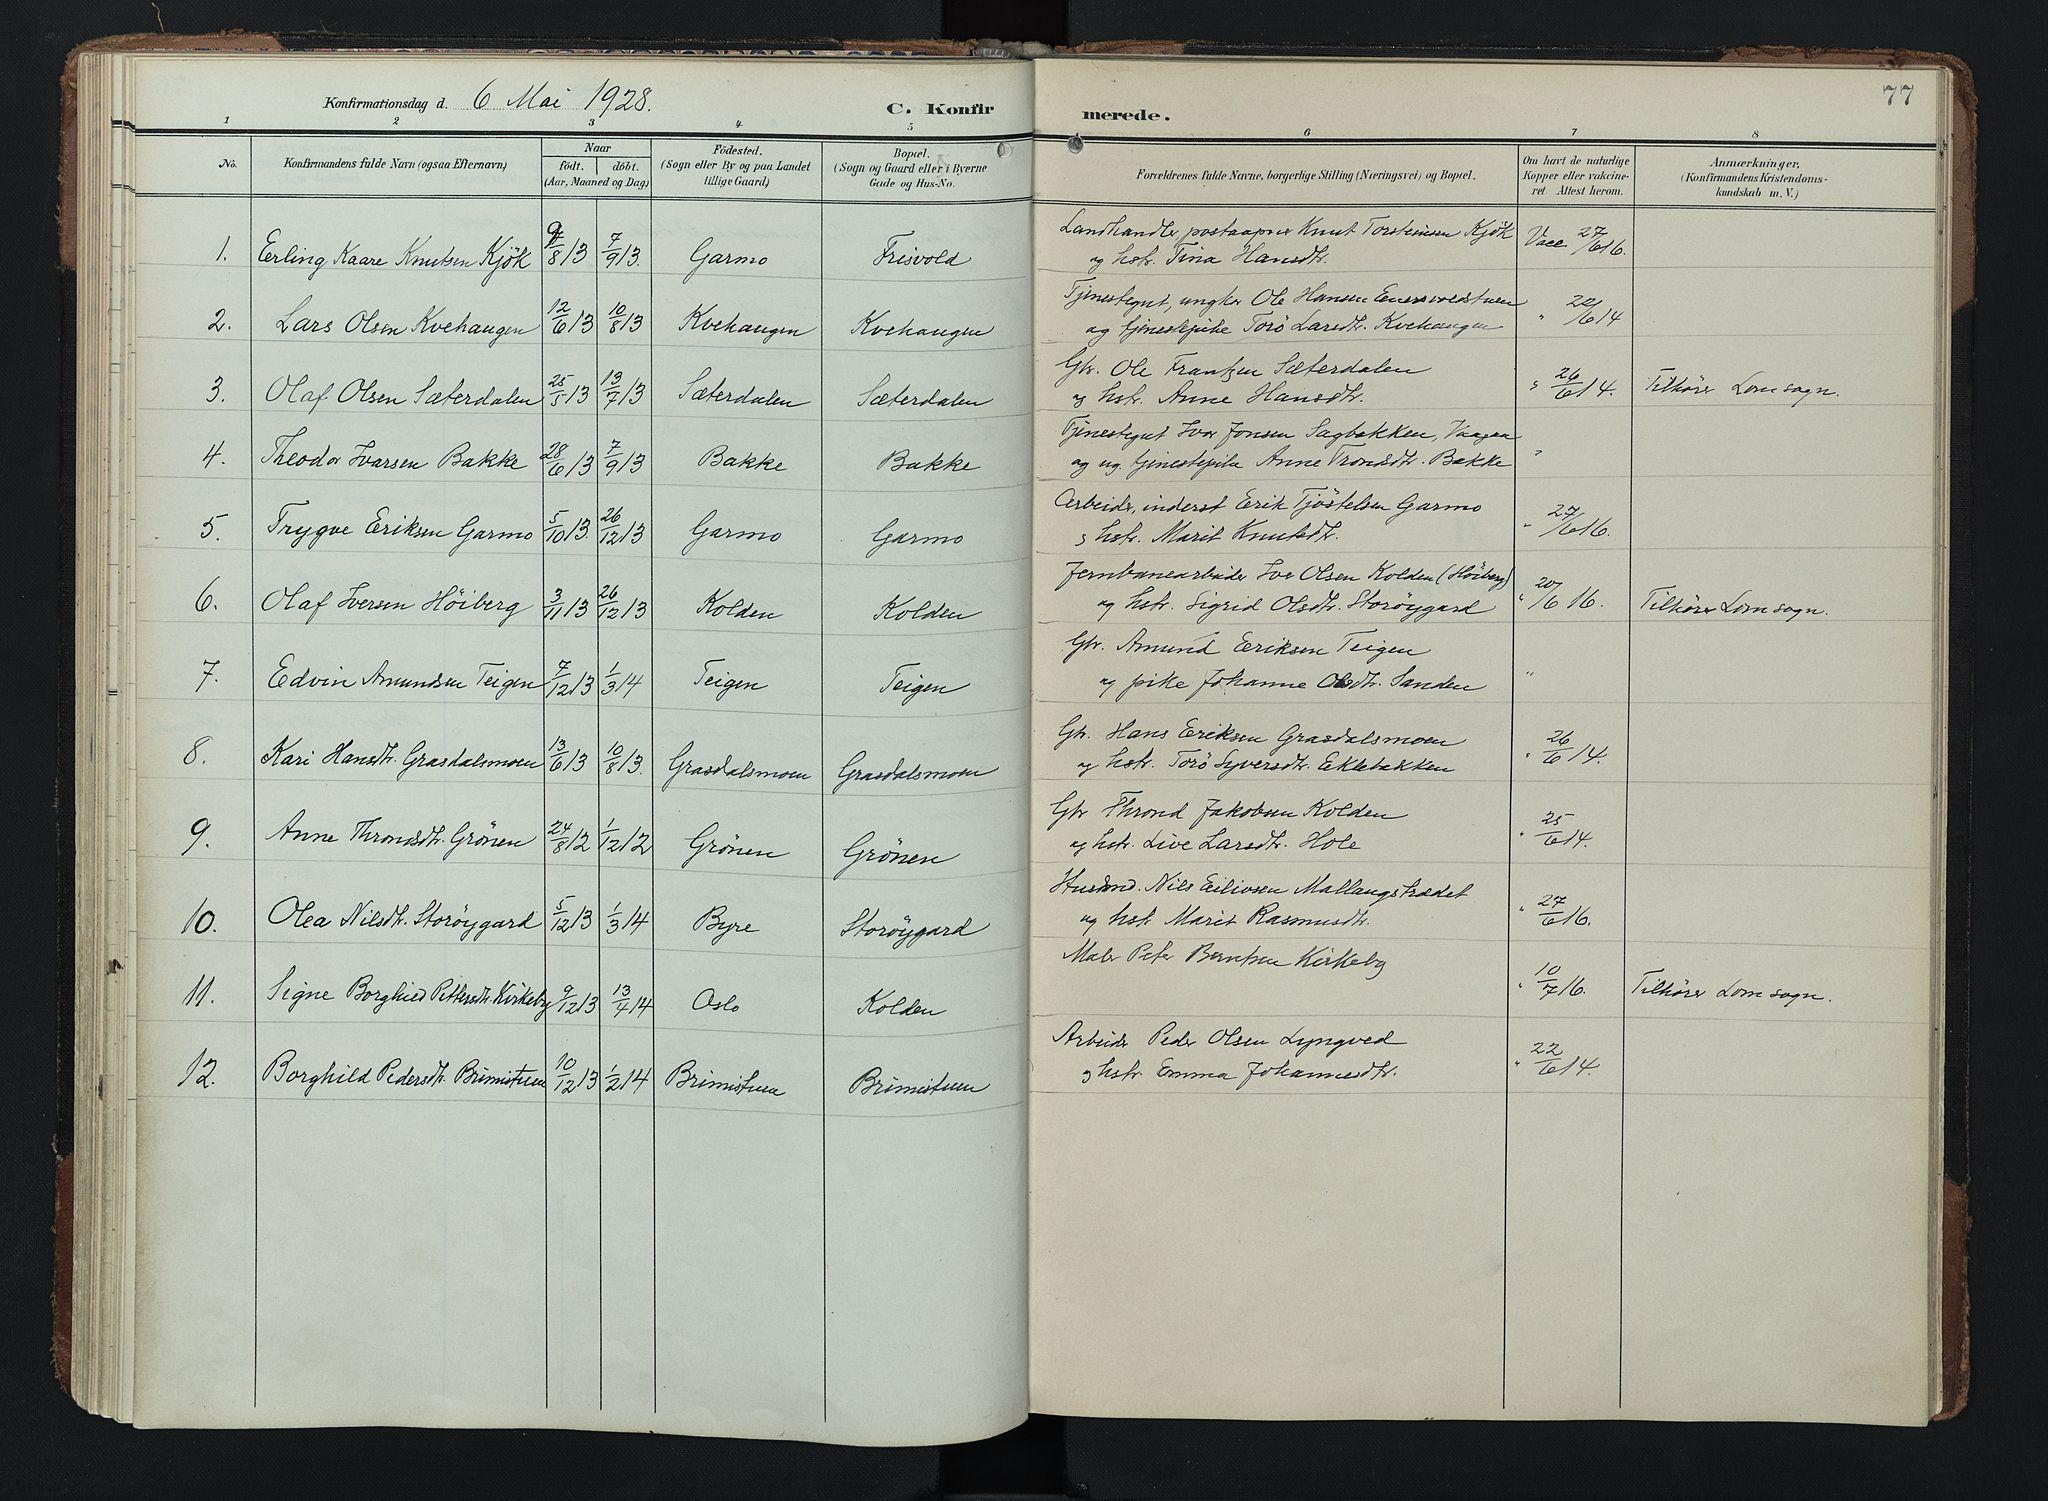 SAH, Lom prestekontor, K/L0011: Ministerialbok nr. 11, 1904-1928, s. 77